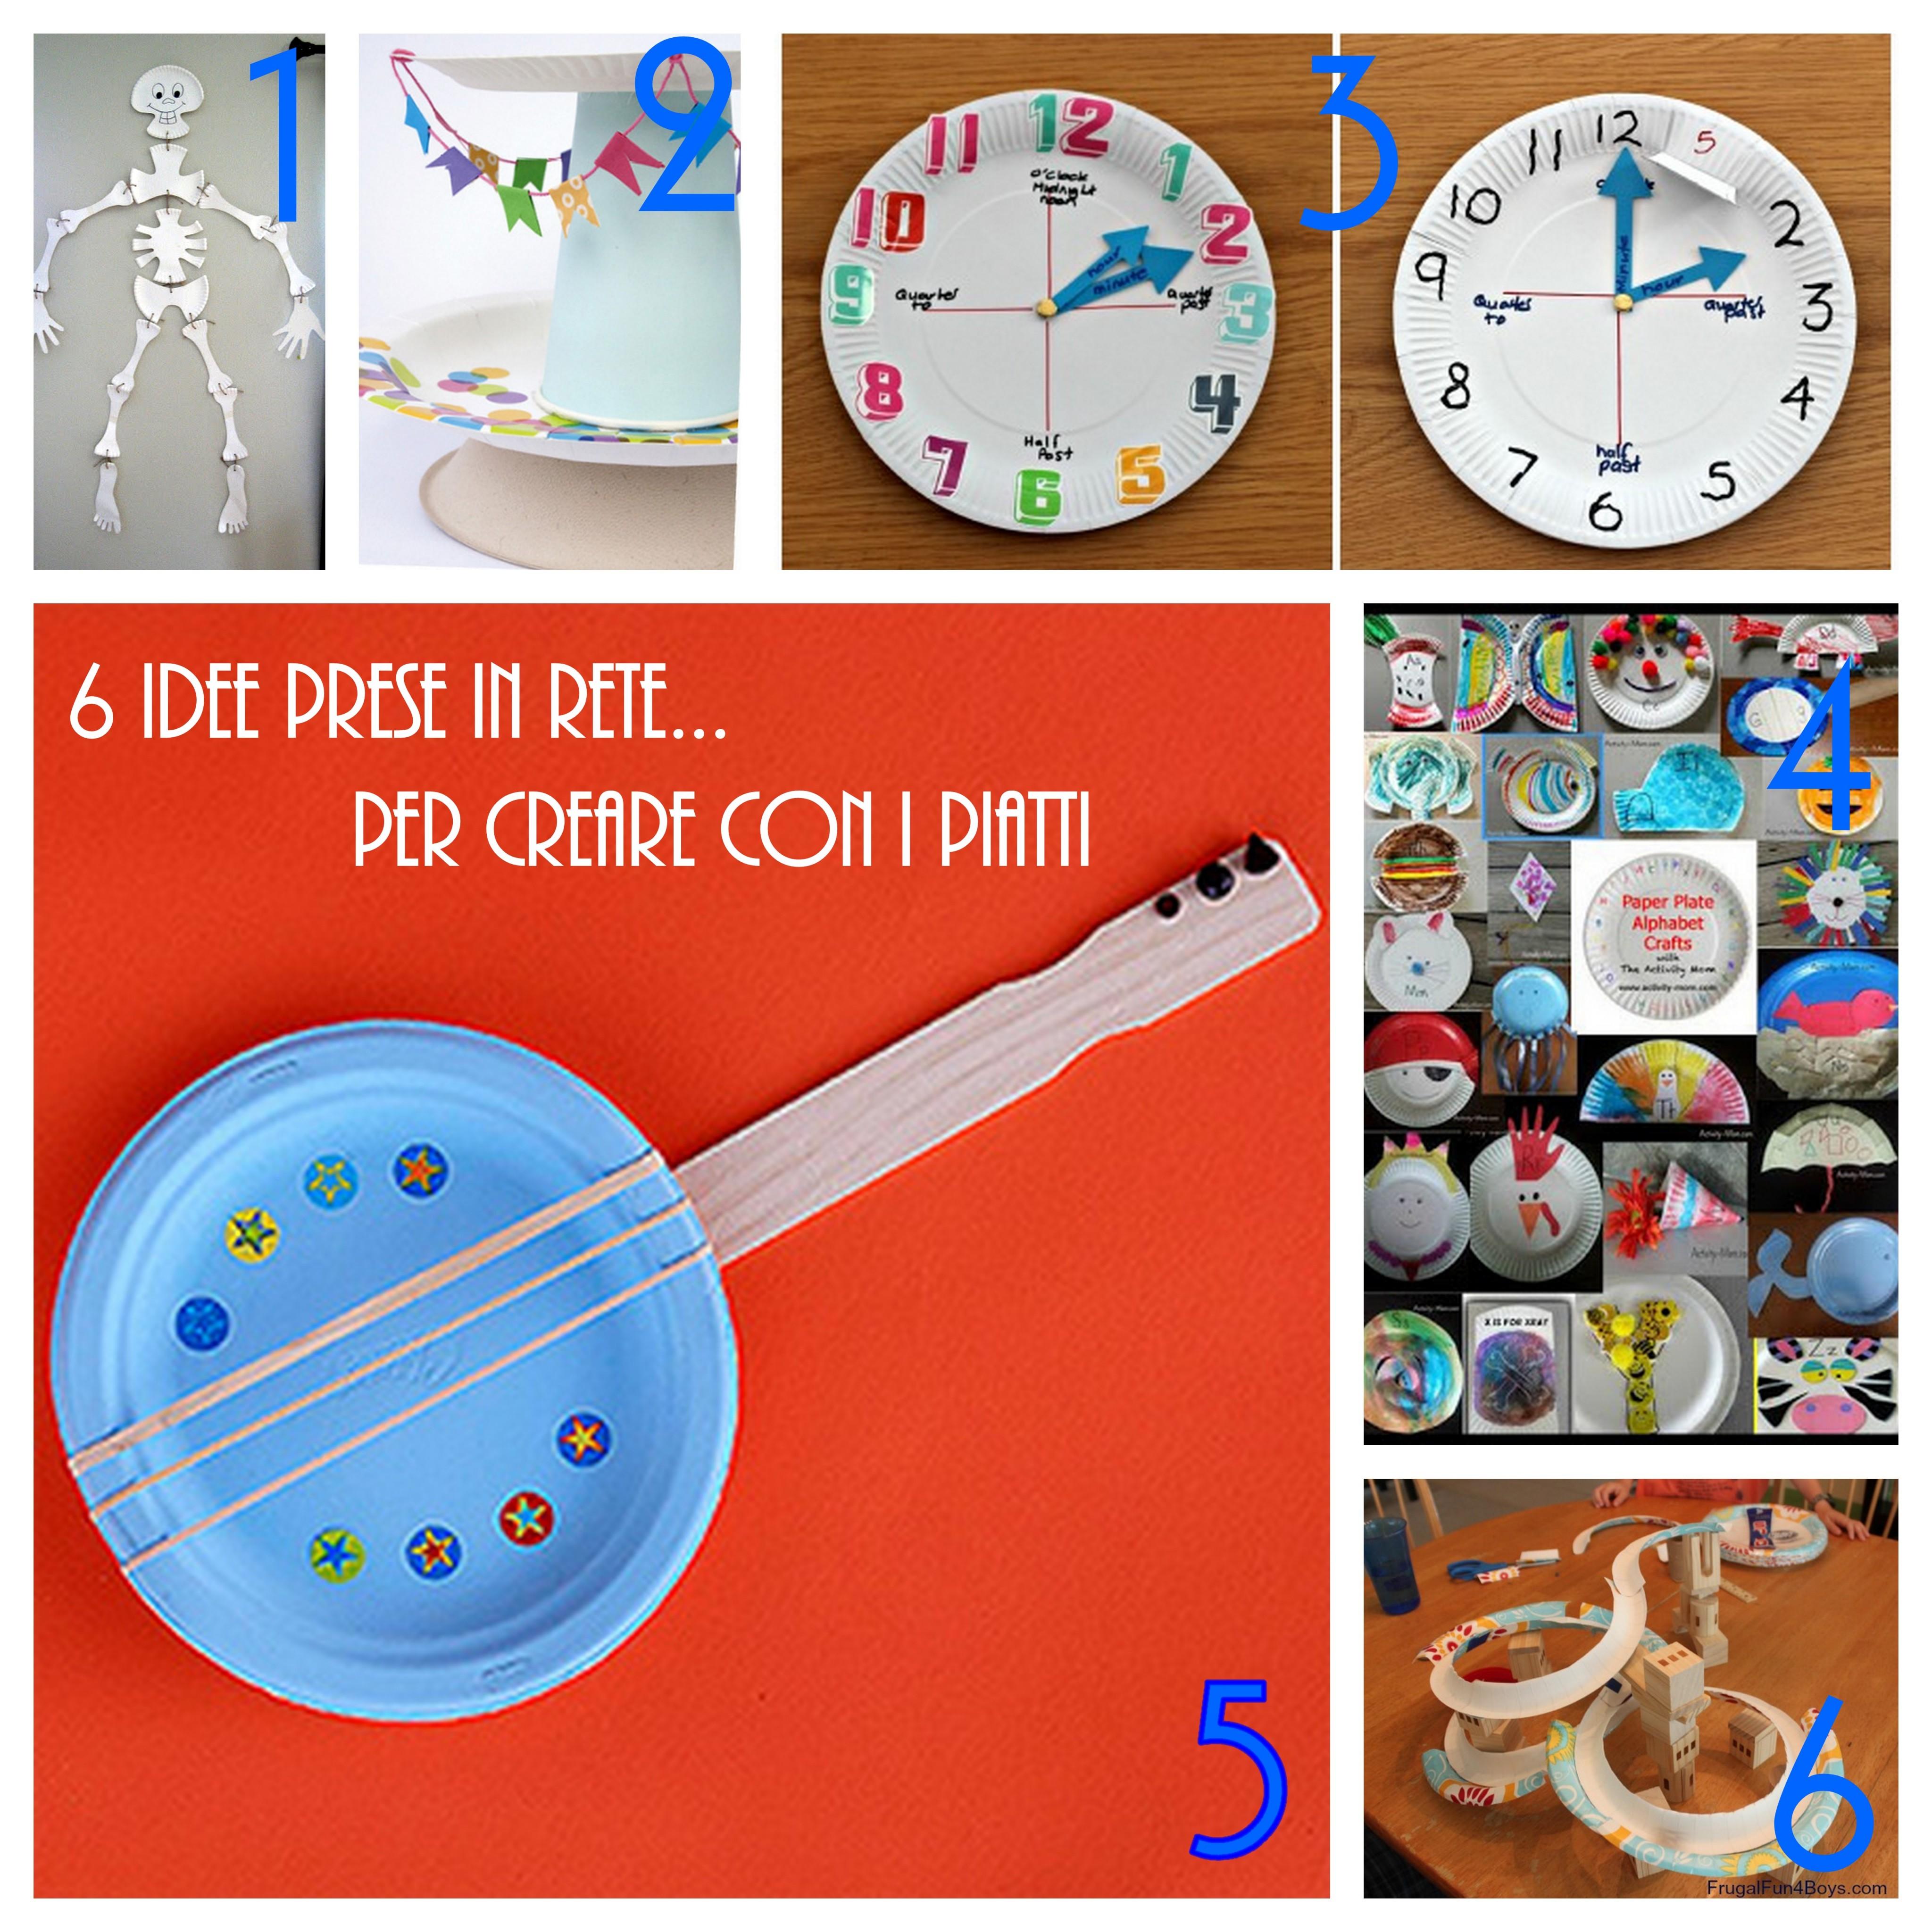 Amato 6 idee prese in rete per creare con i piatti di carta | PF23